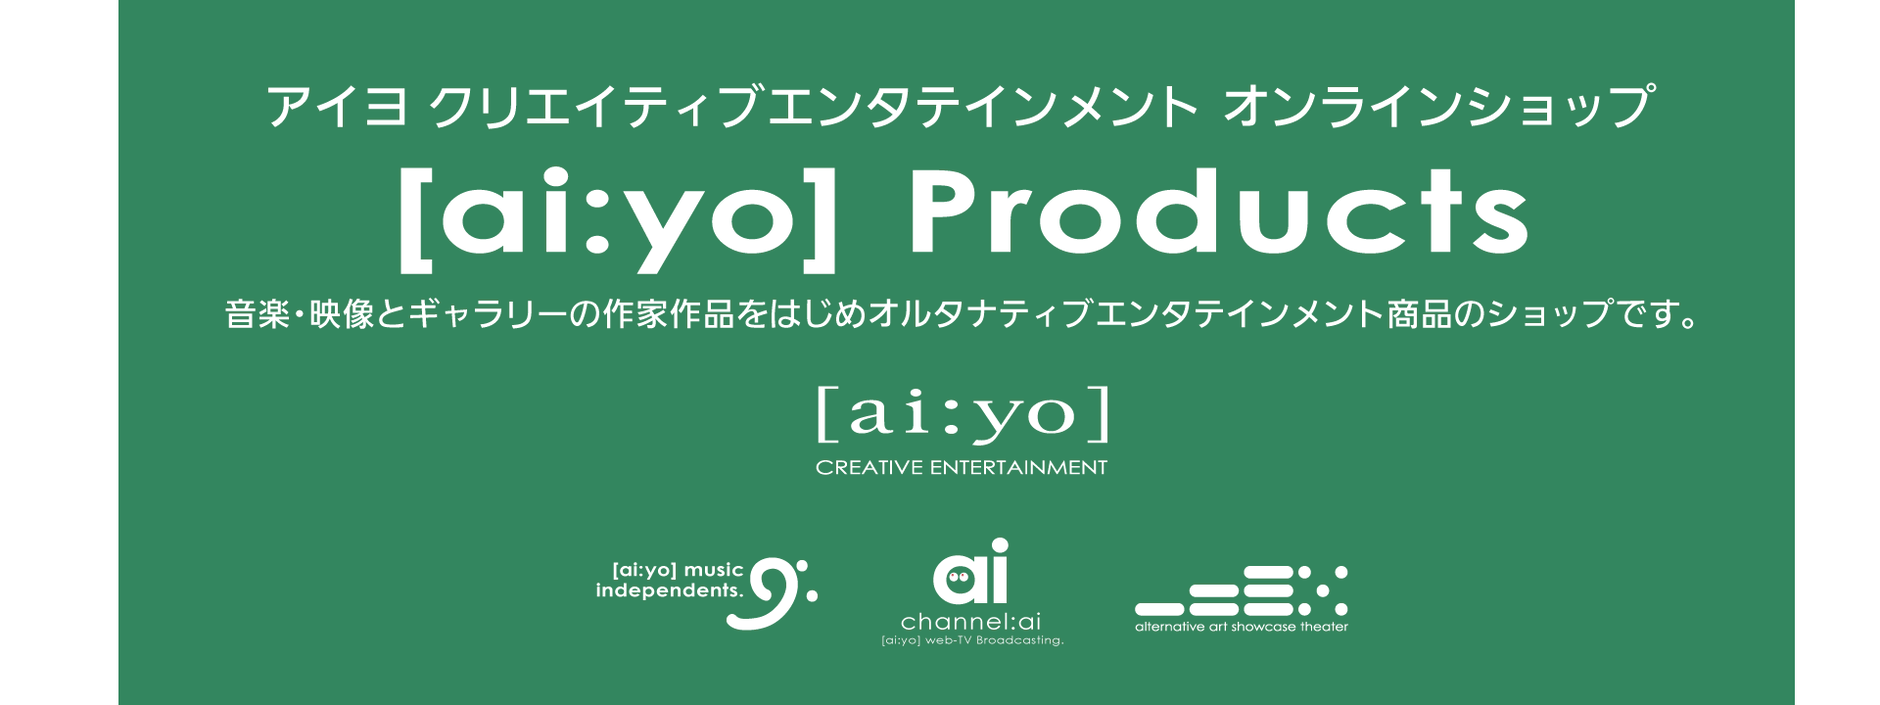 [ai:yo] products